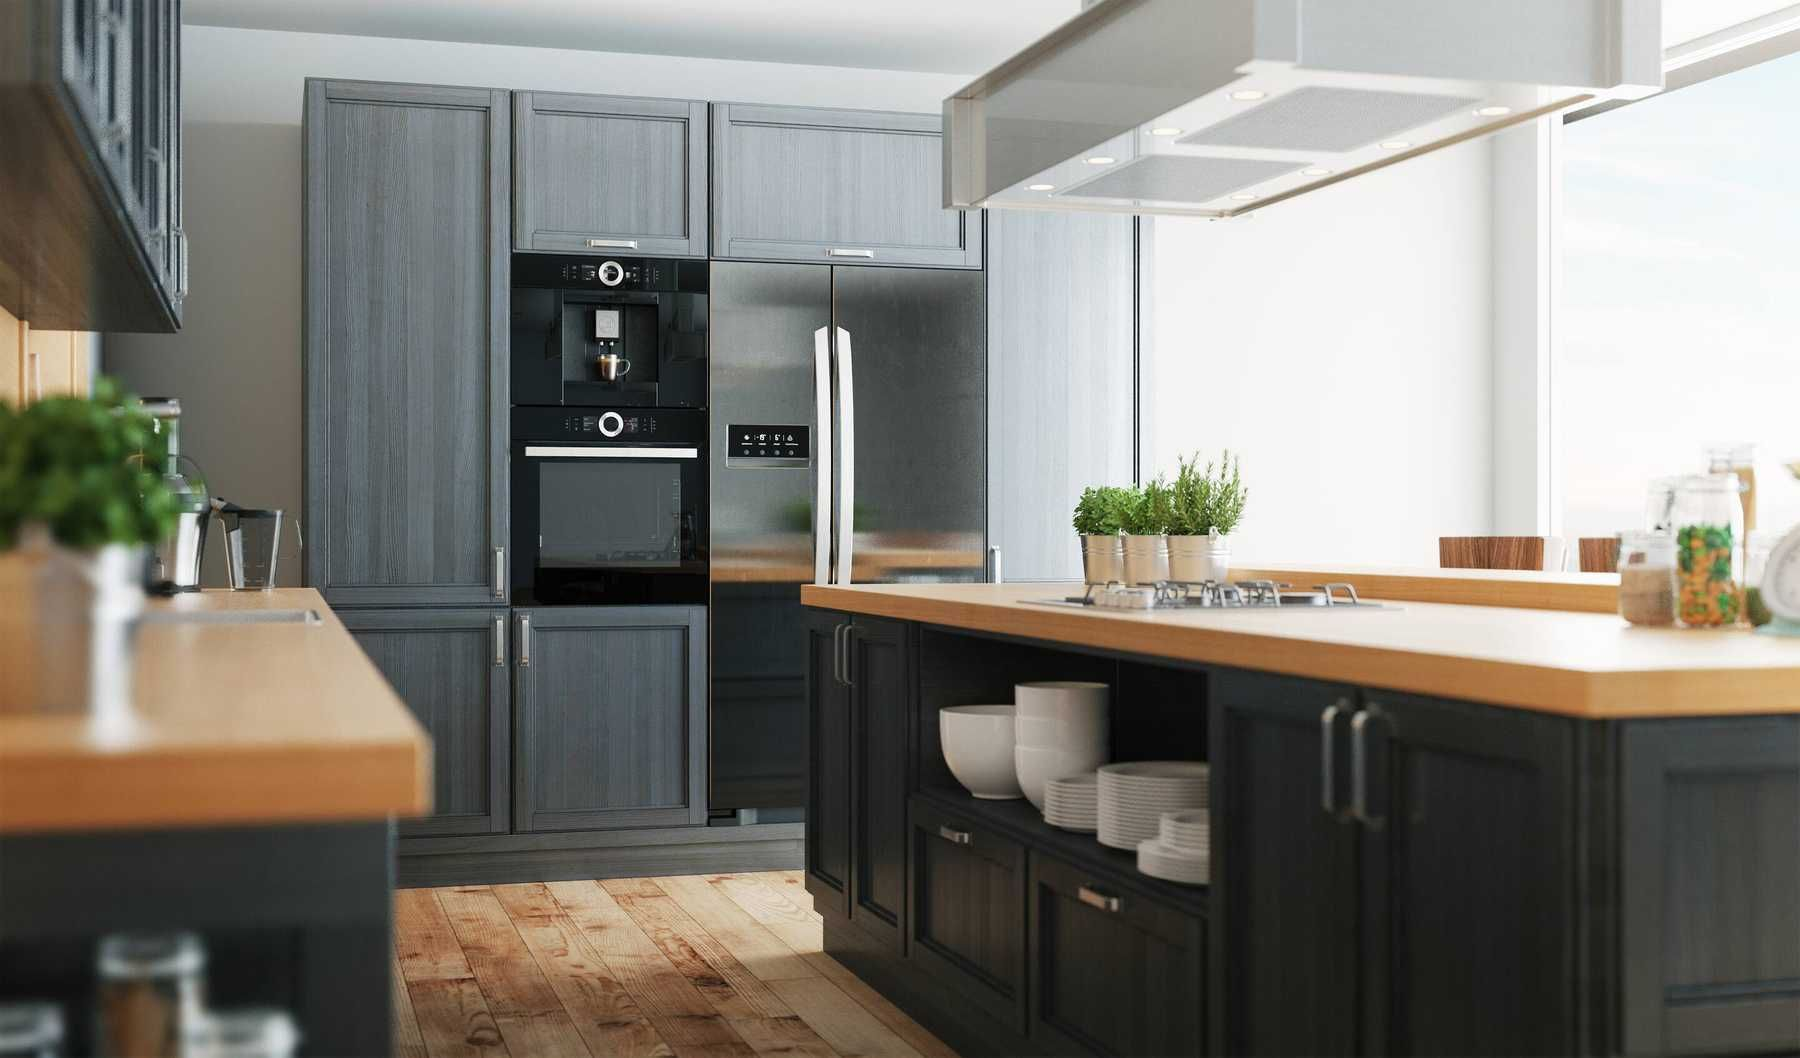 Trang trí nhà bếp với mẫu bàn ăn đối xứng lạ mắt